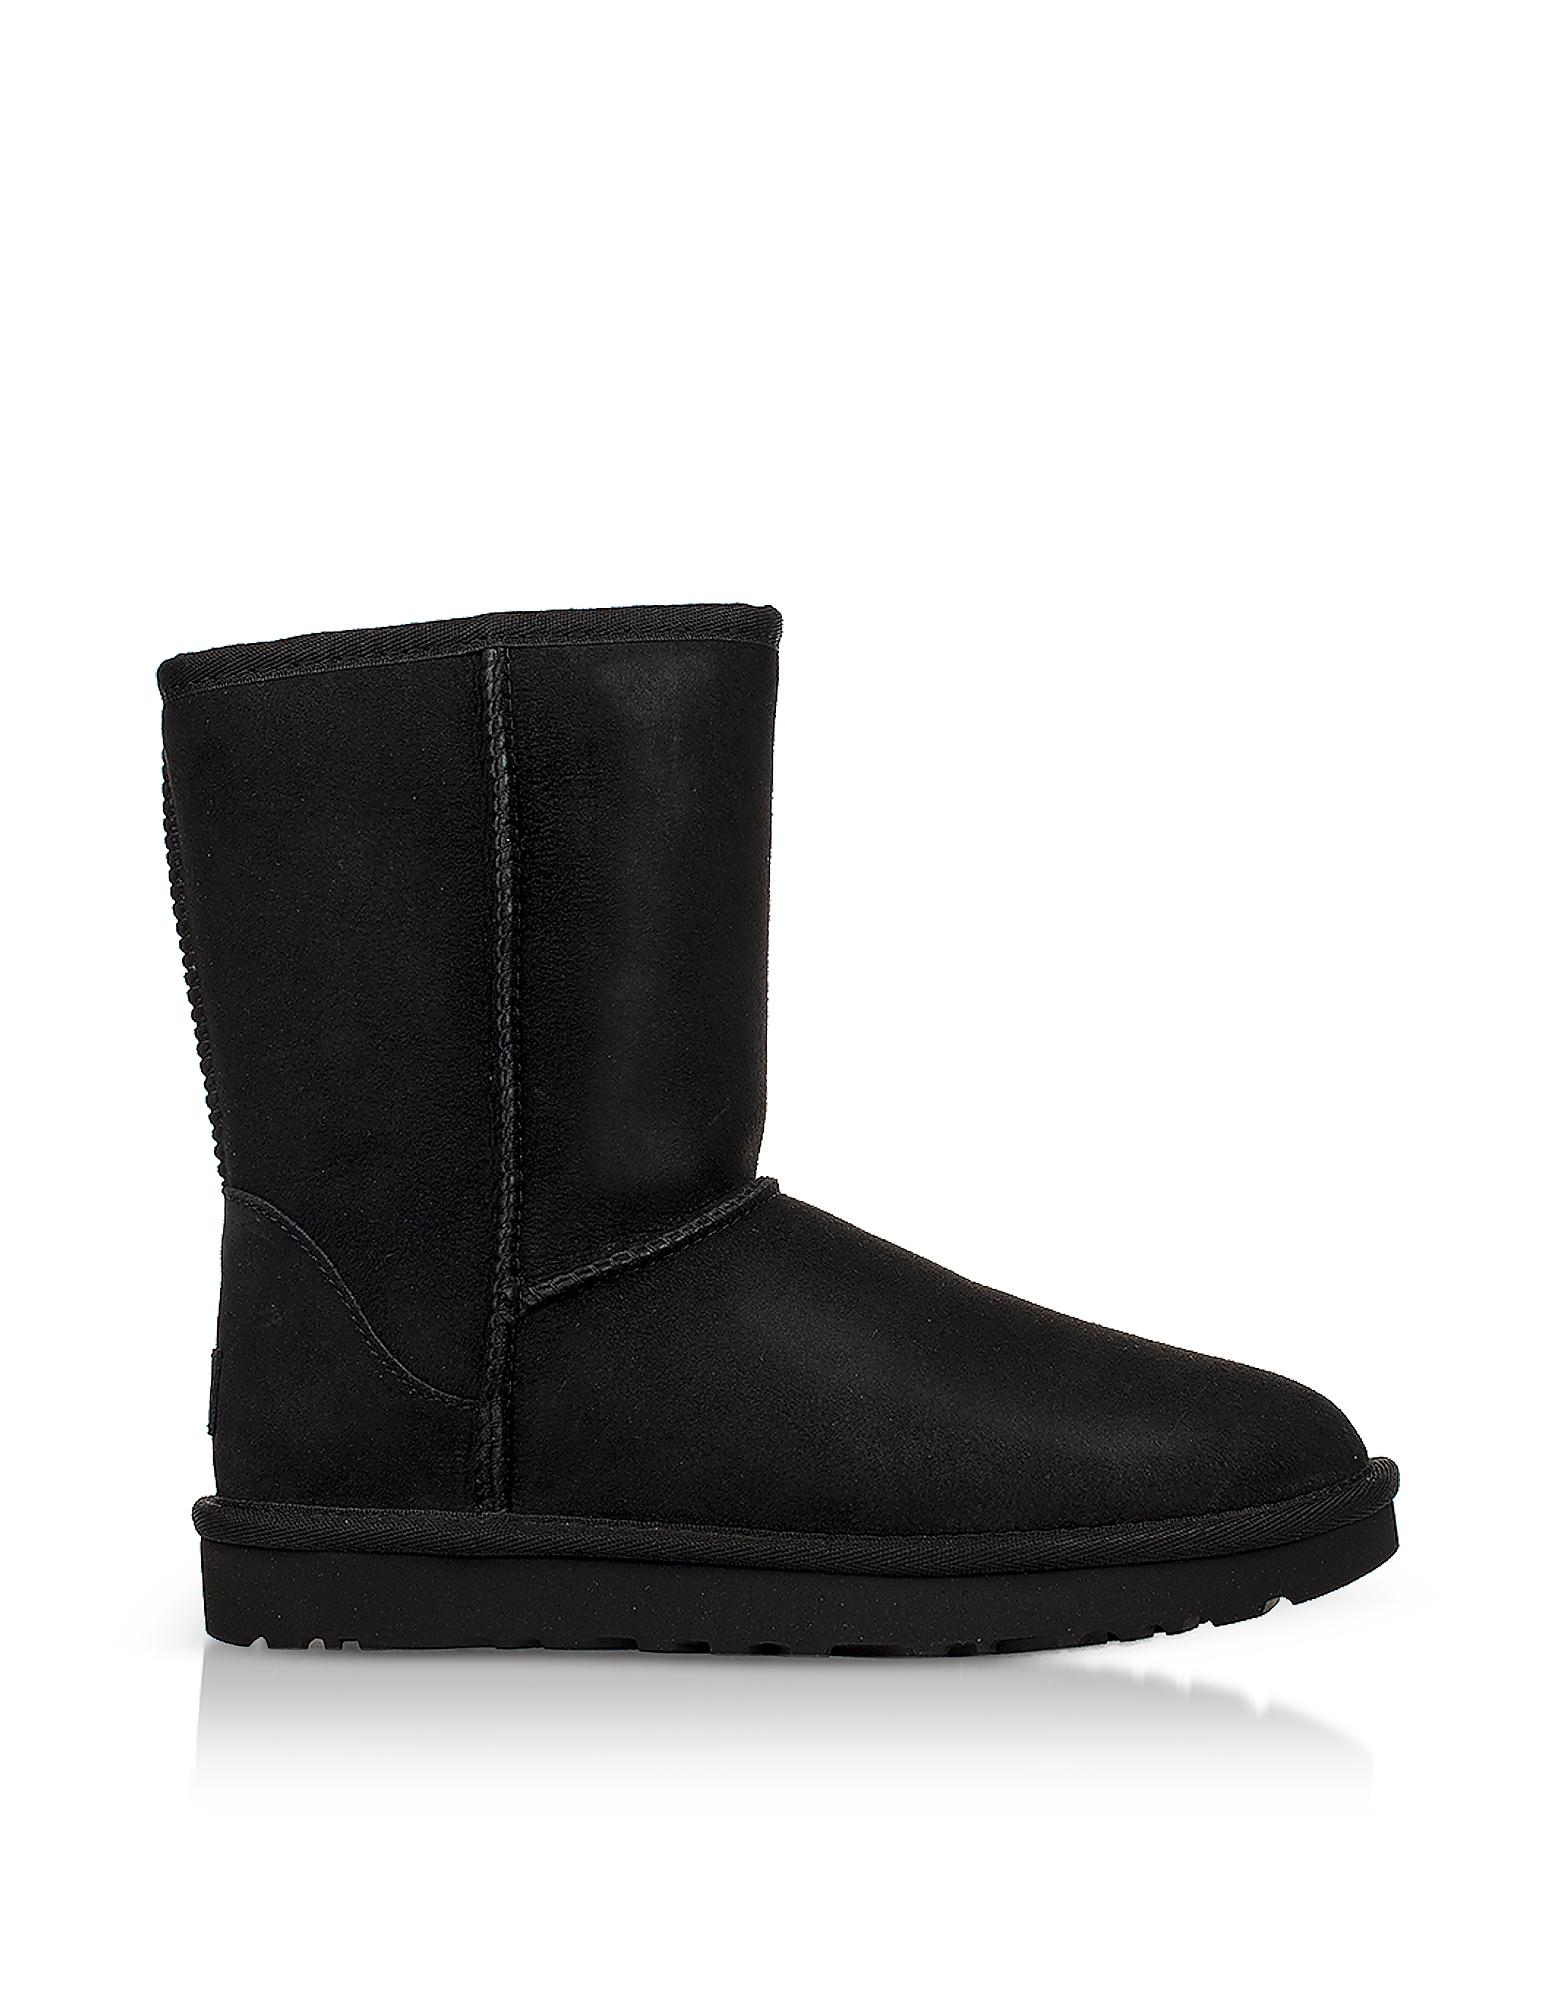 UGG Shoes, Black Classic Short II Boots